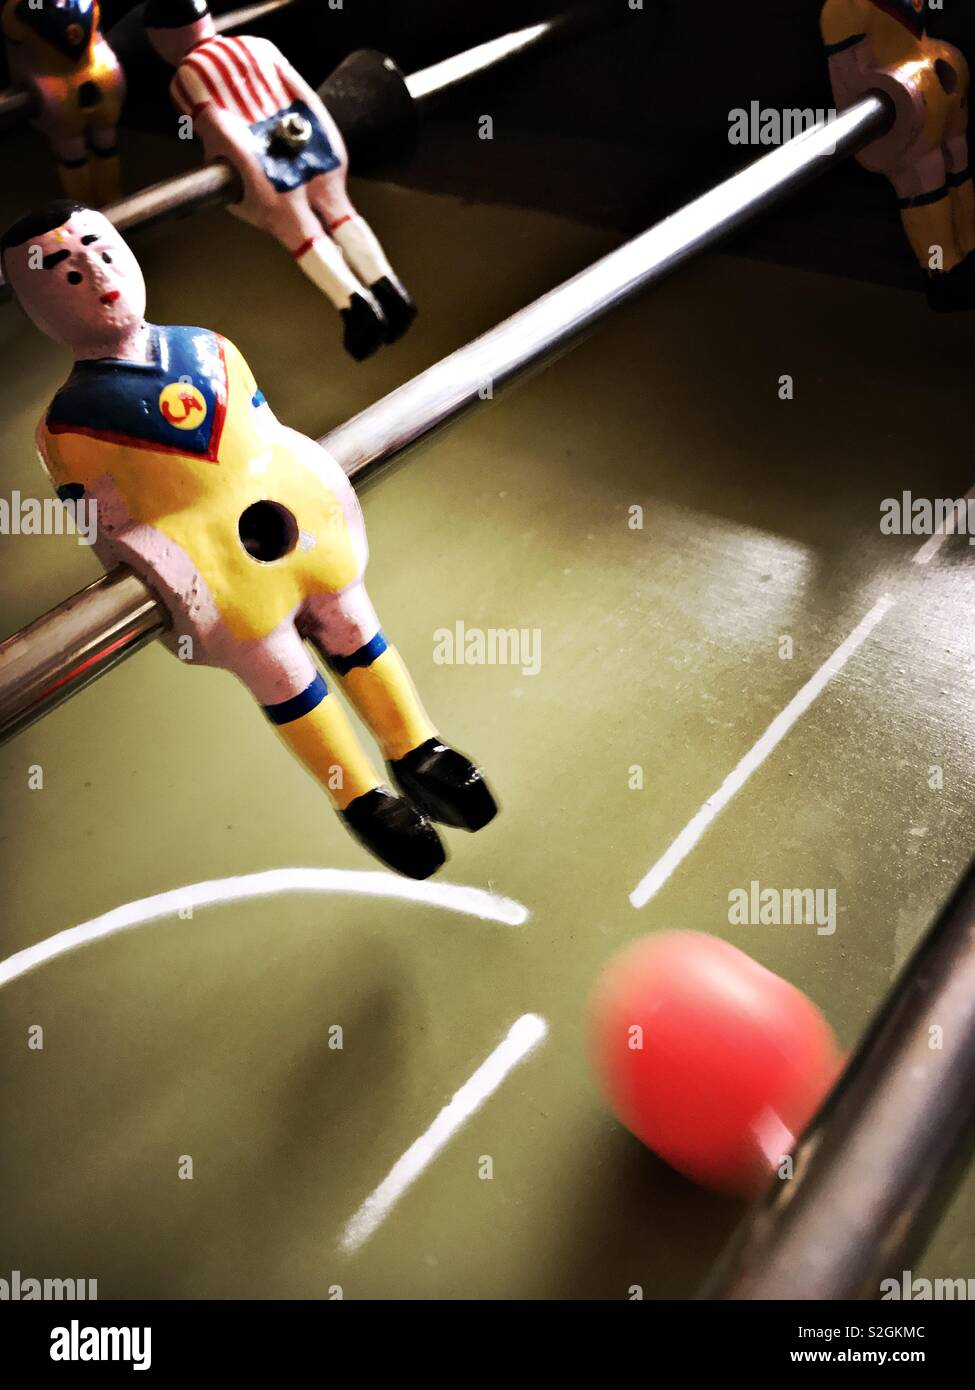 Un Club America futbolito figure renvoient le ballon sur le terrain au cours d'une table de jeu rapide contre l'équipe de Chivas rivales. Photo Stock